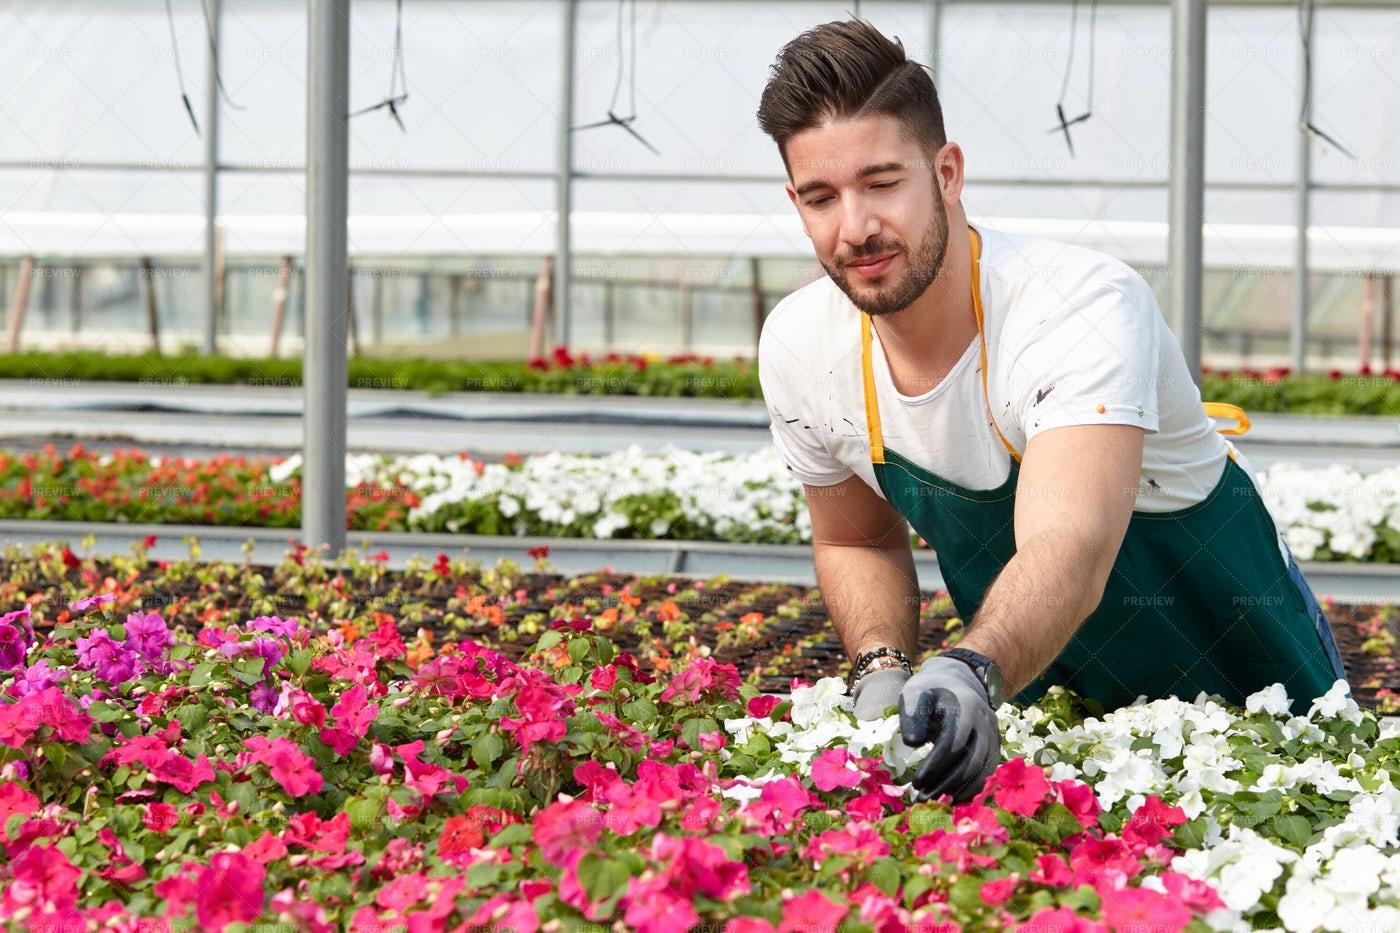 Guy Working On A Garden: Stock Photos